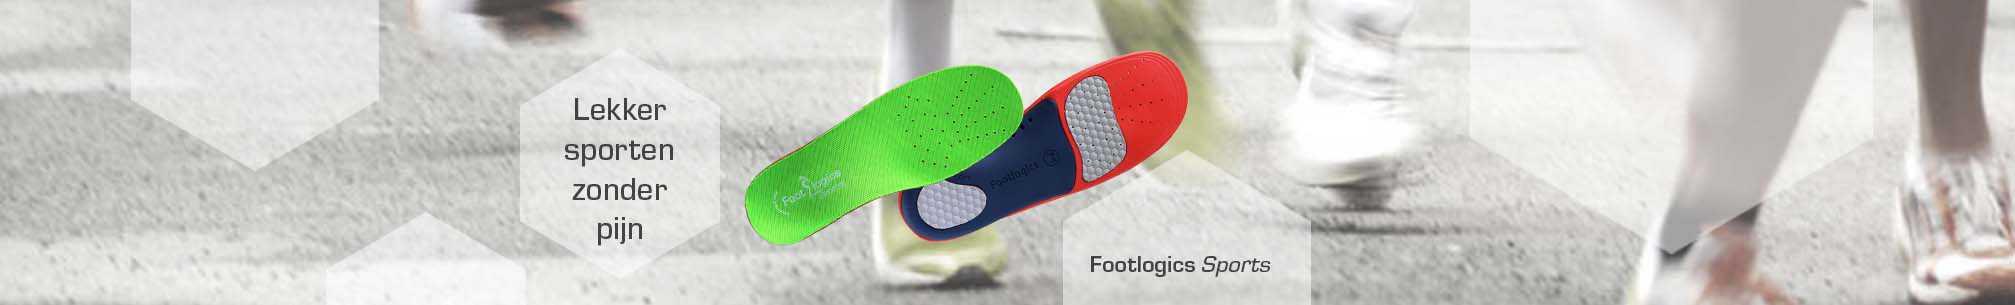 Footlogics Sports inlegzolen voor hardlopen